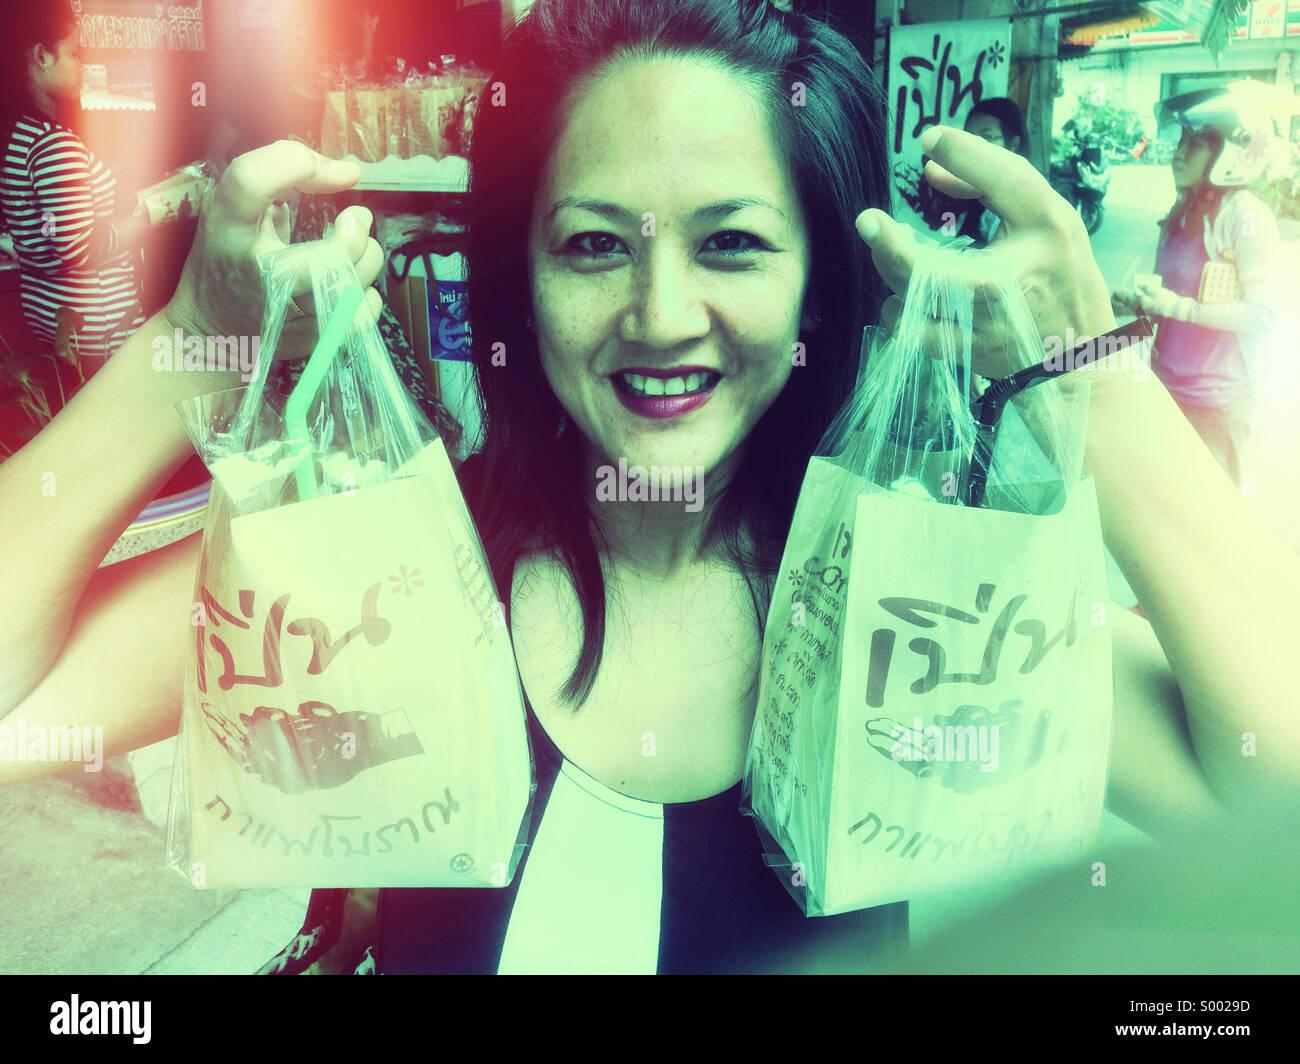 Tailandia Tailandia chica con la compra de café. Foto de stock